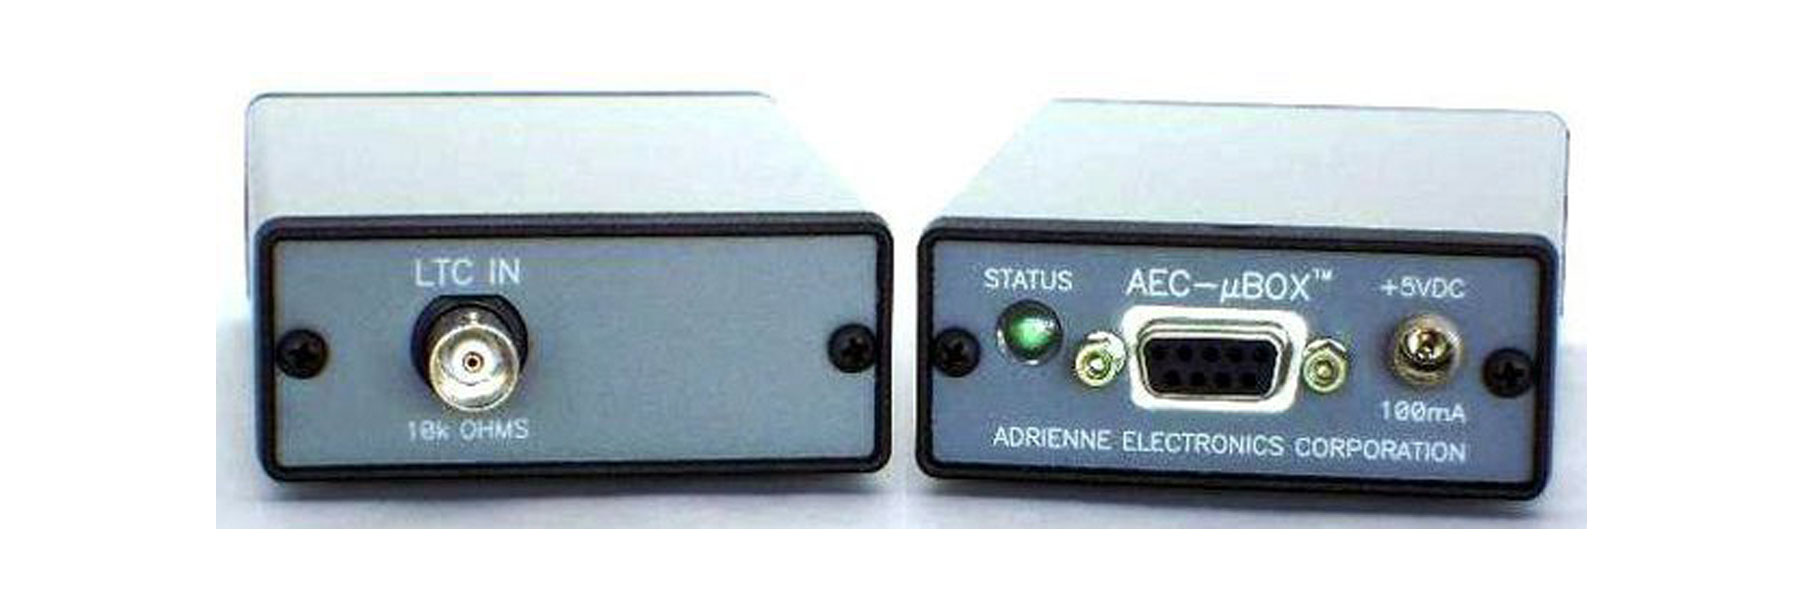 AEC-uBOX-02